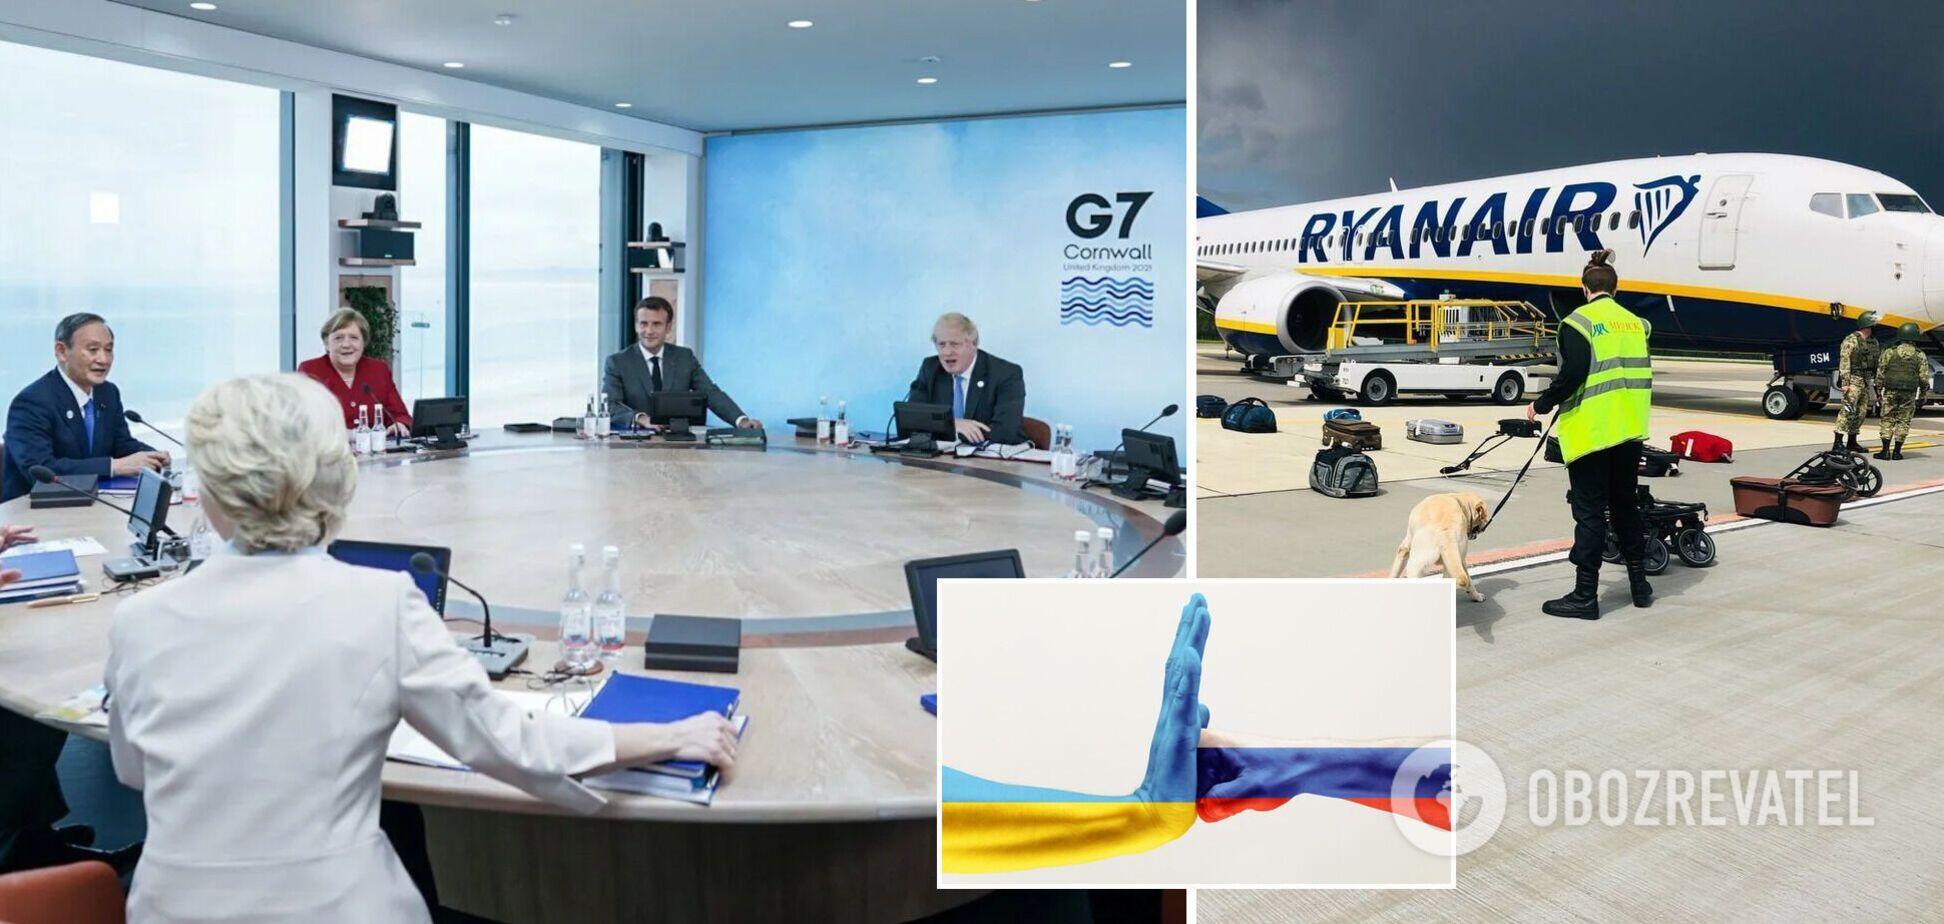 Країни G7 назвали РФ стороною конфлікту на Донбасі і пообіцяли покарати причетних до арешту Протасевича. Головні рішення саміту